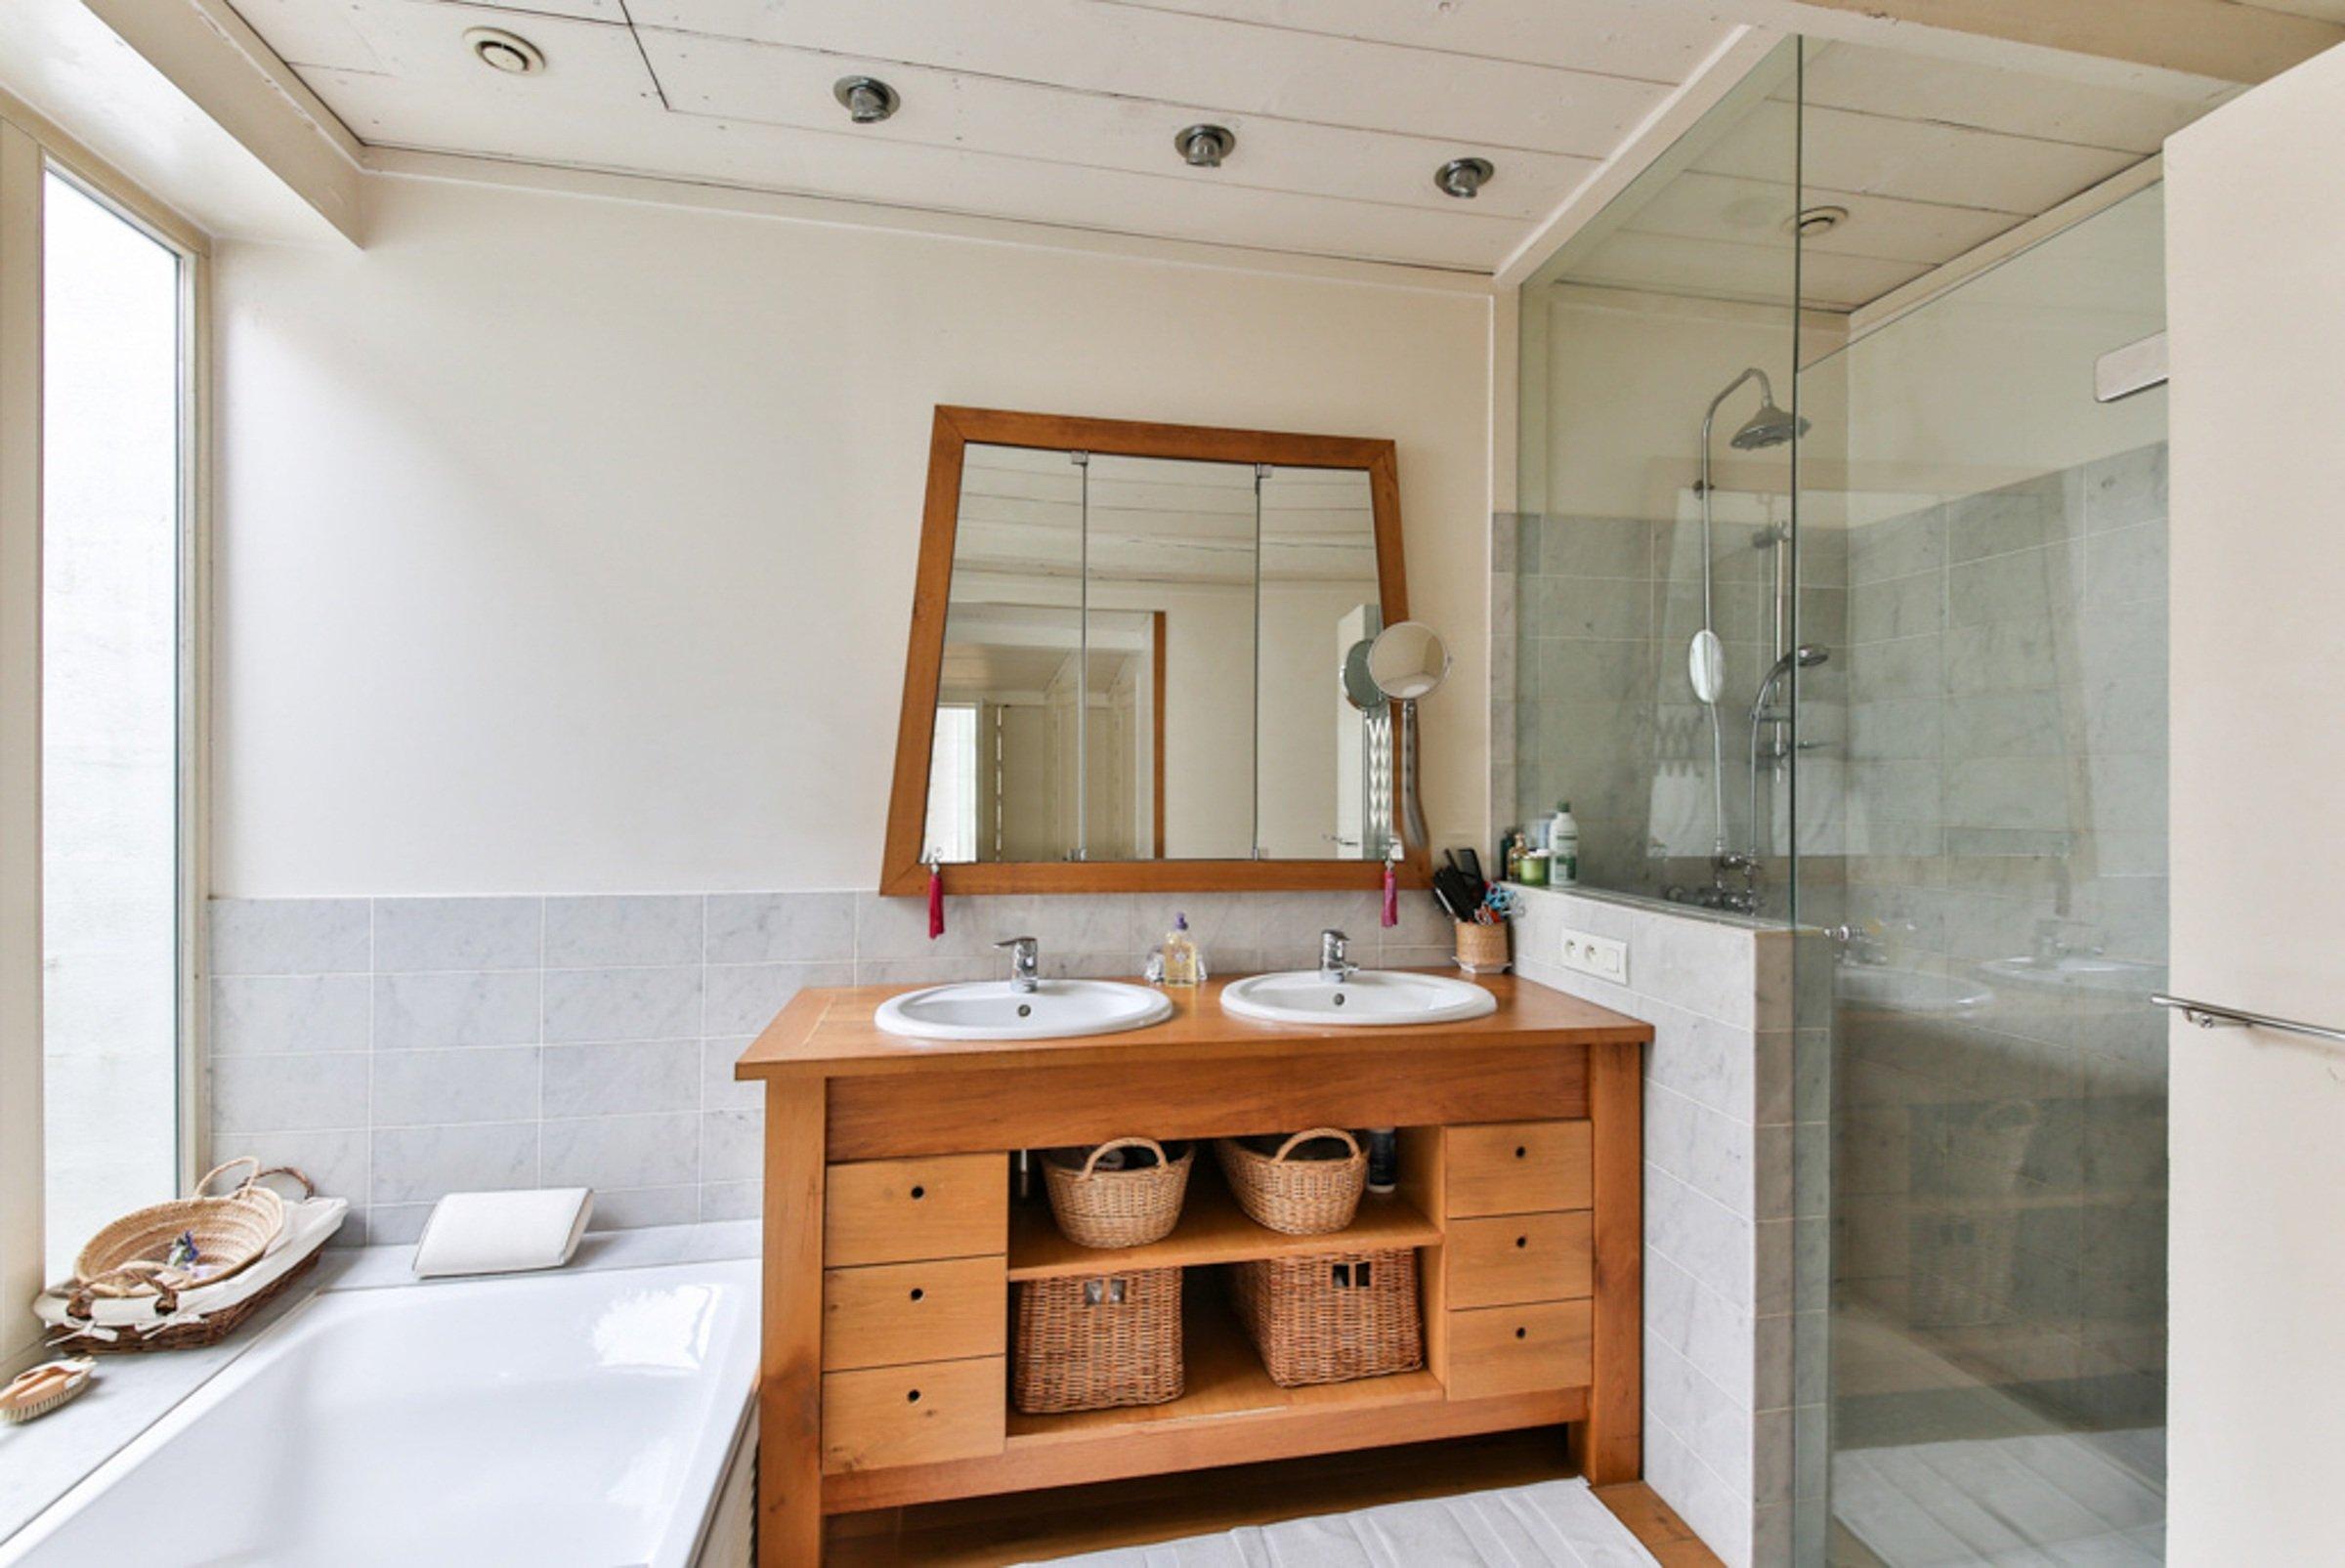 DECORAÇÃO DE CASA: DICAS PARA RENOVAR O AMBIENTE GASTANDO POUCO - Decoração de banheiro